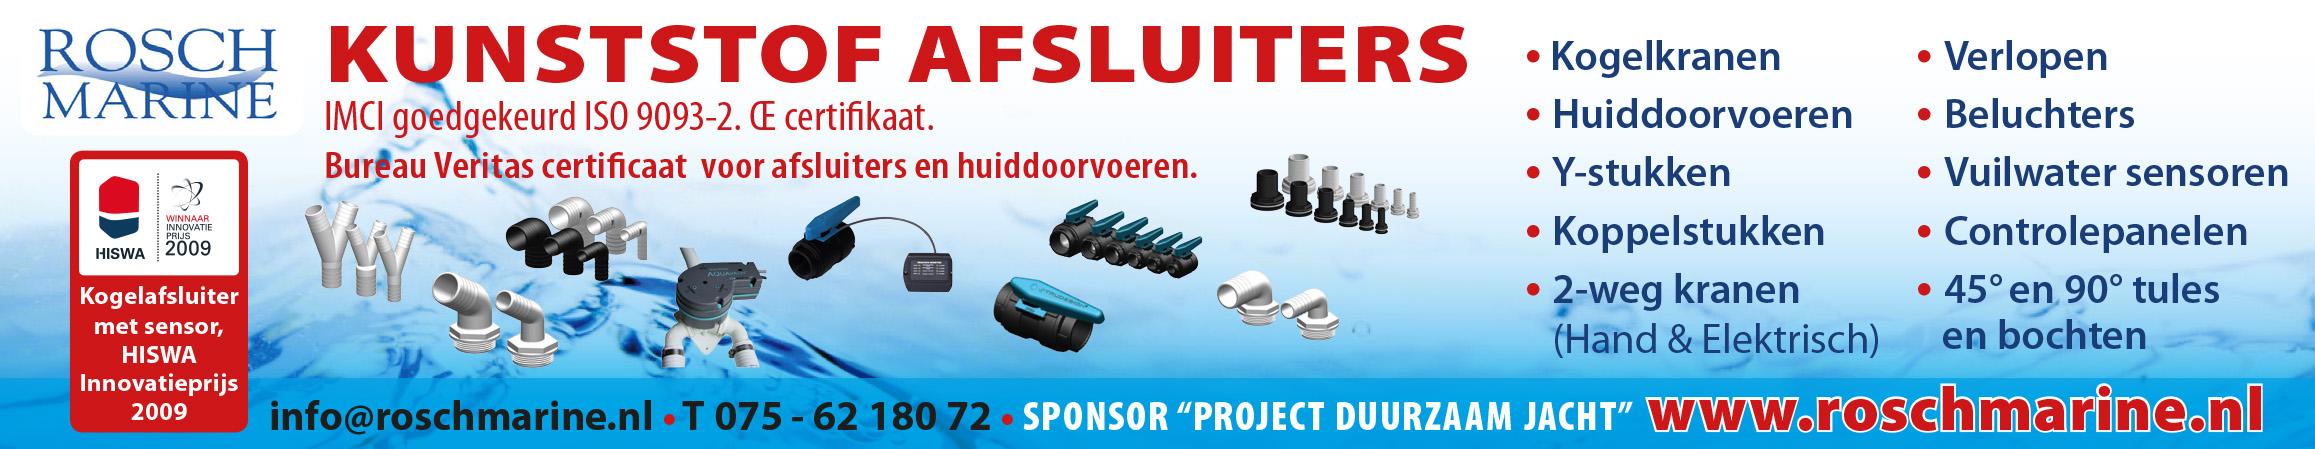 RM_SdZ_Afsluiters_196x38mm_3-roschmarine